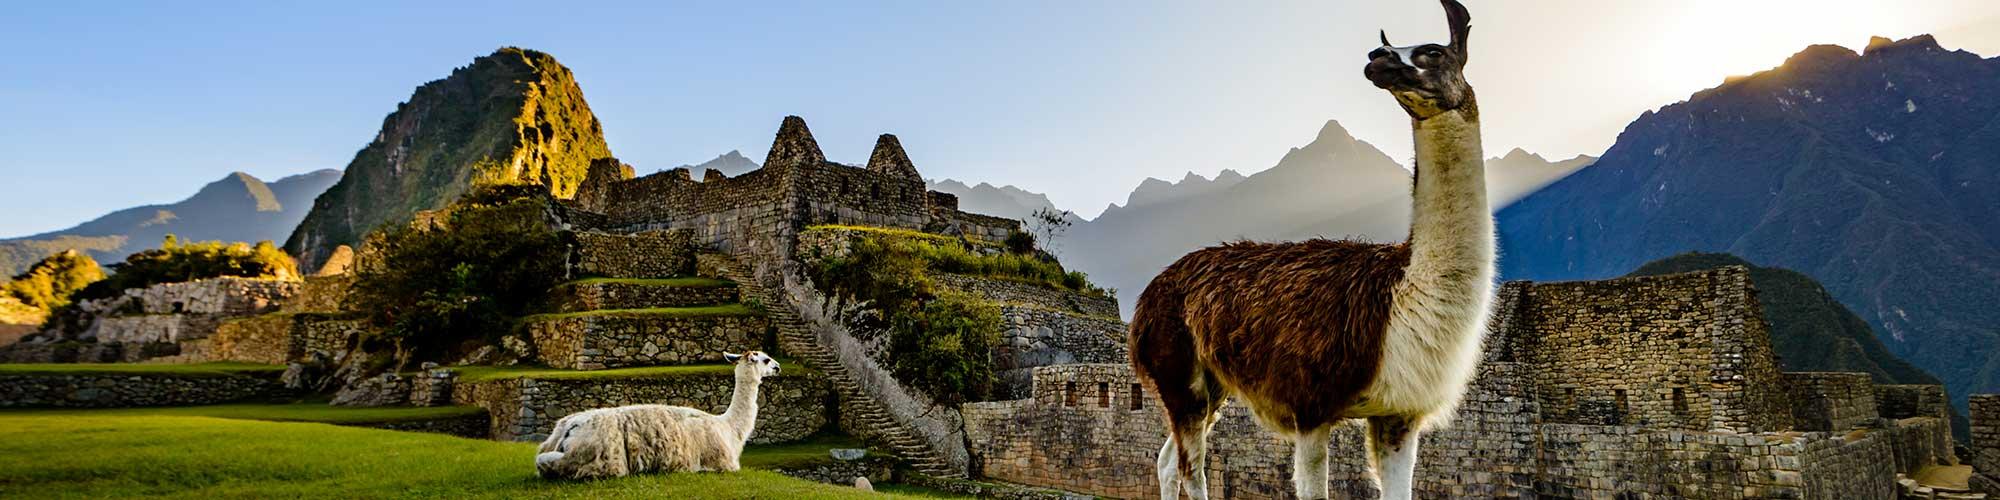 Perú, el viaje - El Pais Viajes